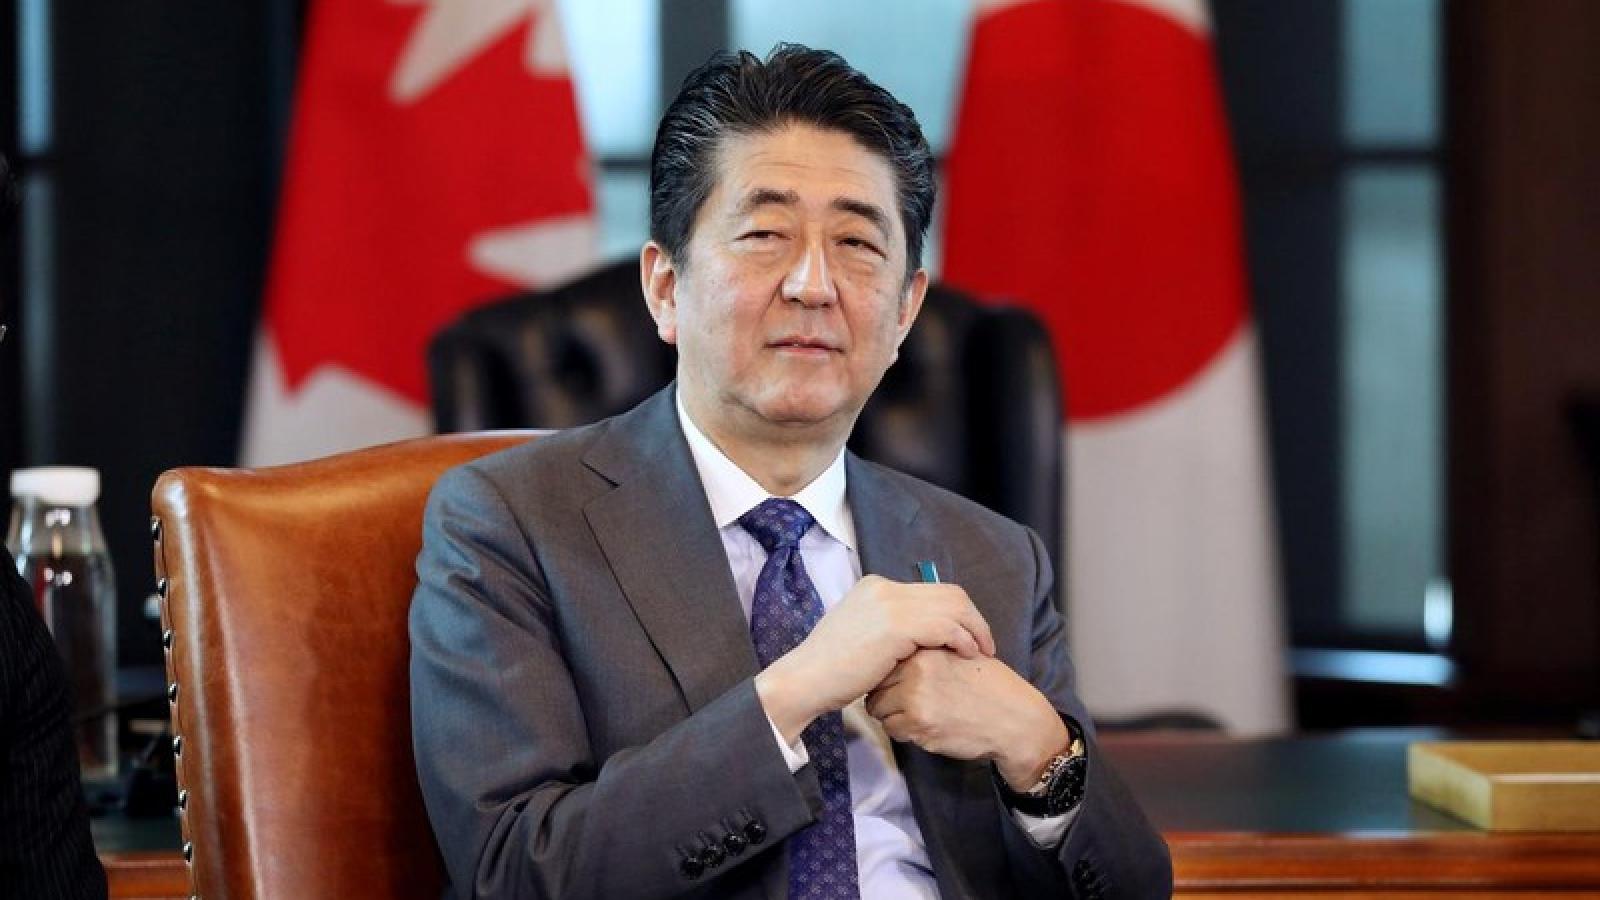 Thủ tướng Nhật Bản tổ chức họp báo giữa tin đồn gặp vấn đề về sức khỏe